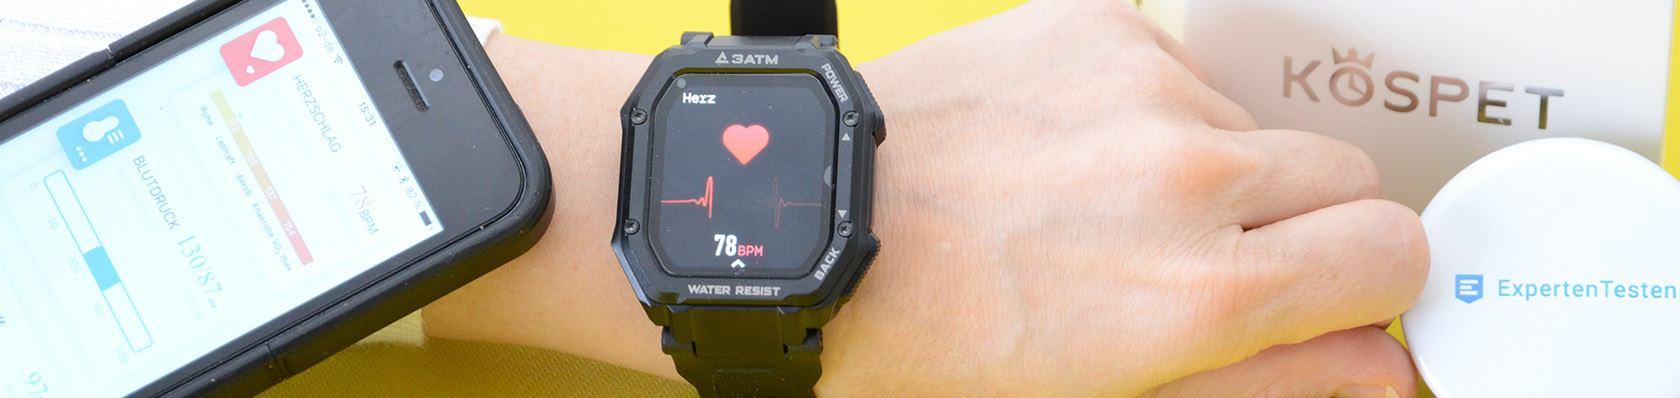 Smartwatches im Test auf ExpertenTesten.de